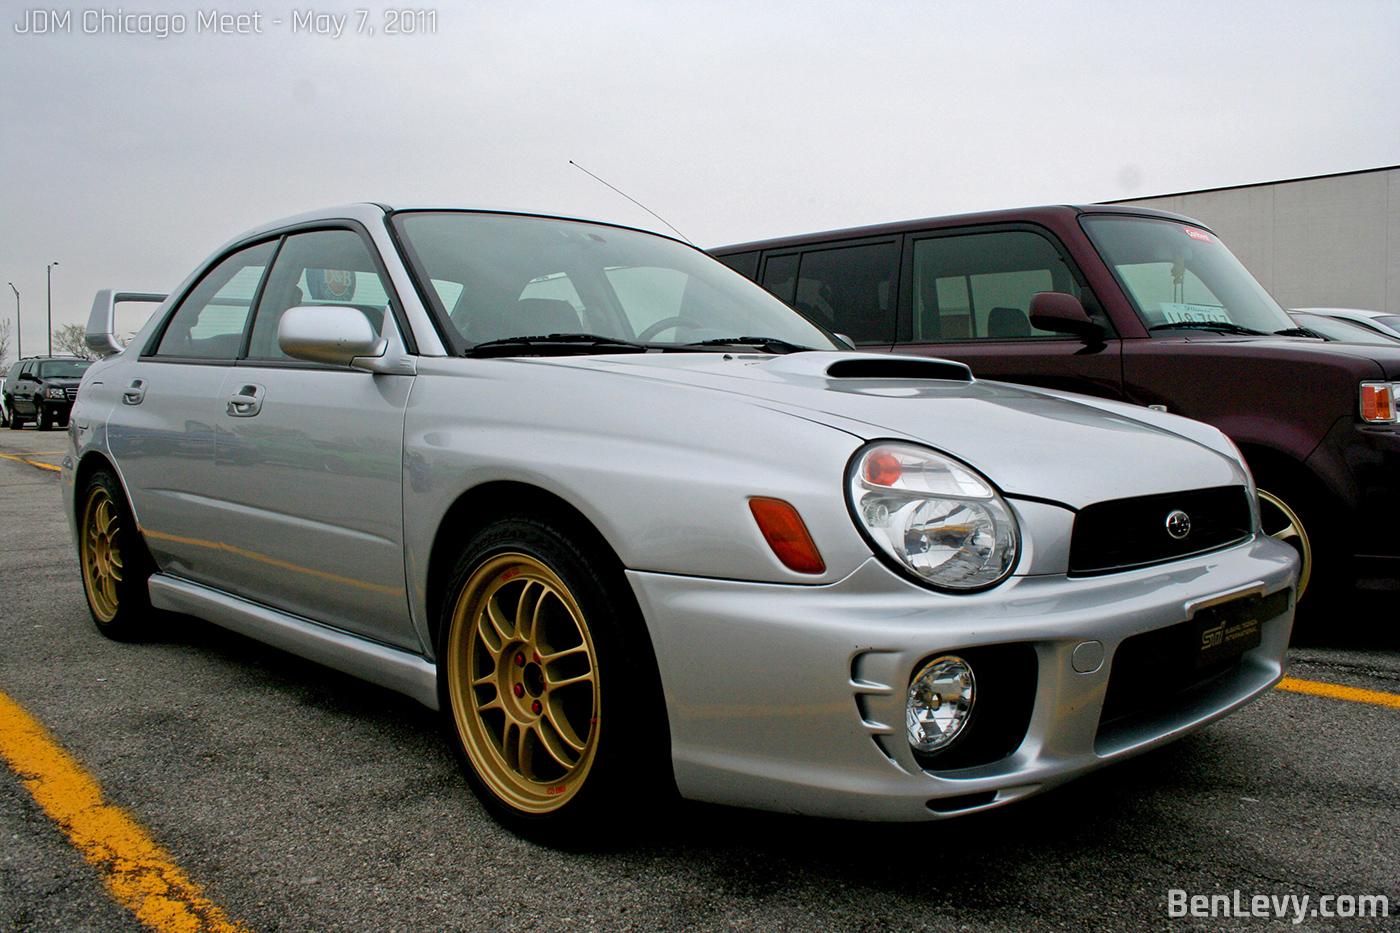 Silver Subaru WRX - BenLevy.com